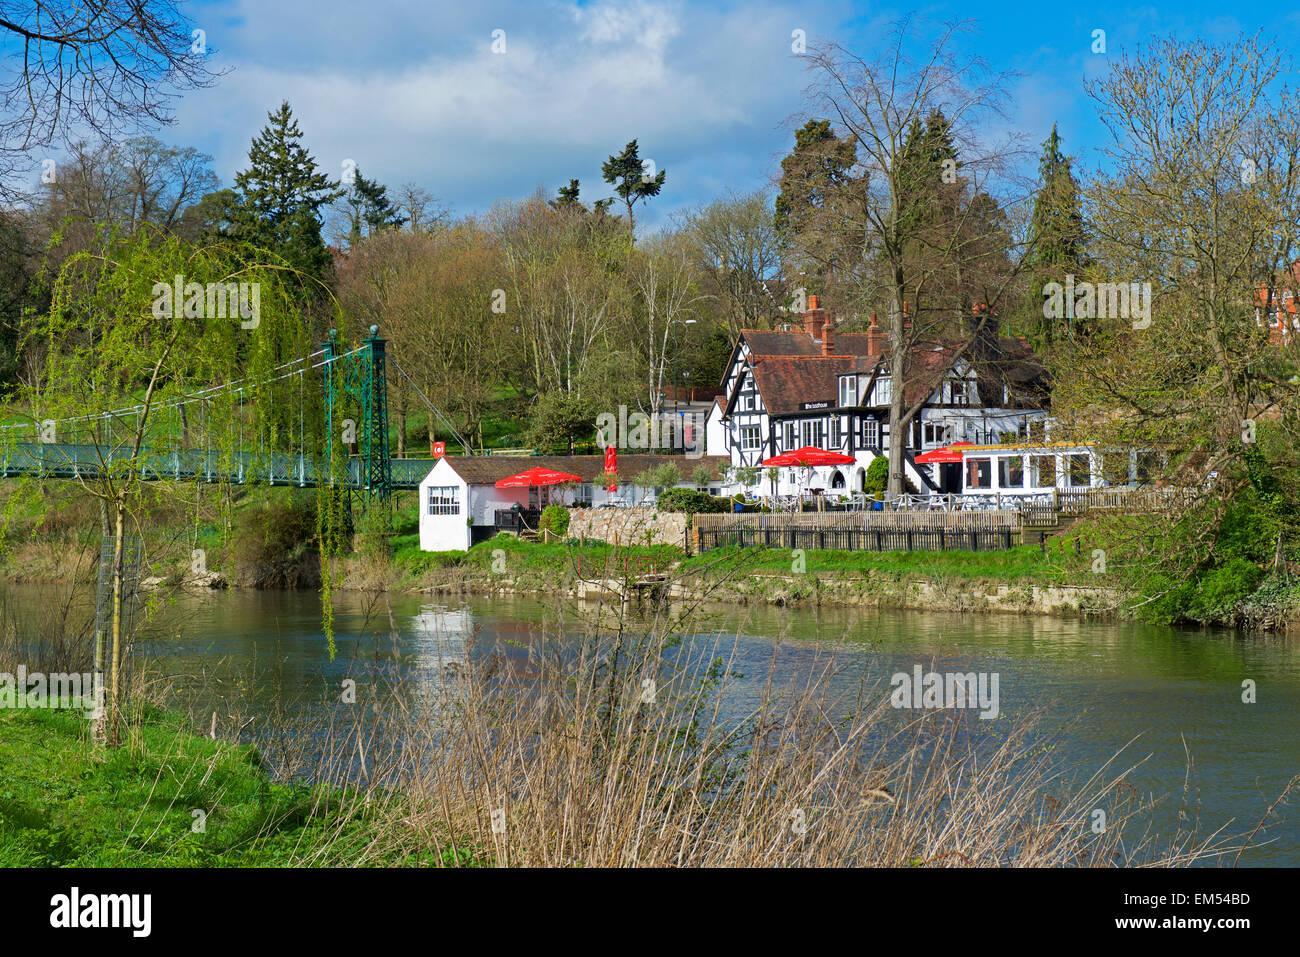 The Boathouse Pub, overlooking the River Severn, Shrewsbury, Shropshire, England UK - Stock Image